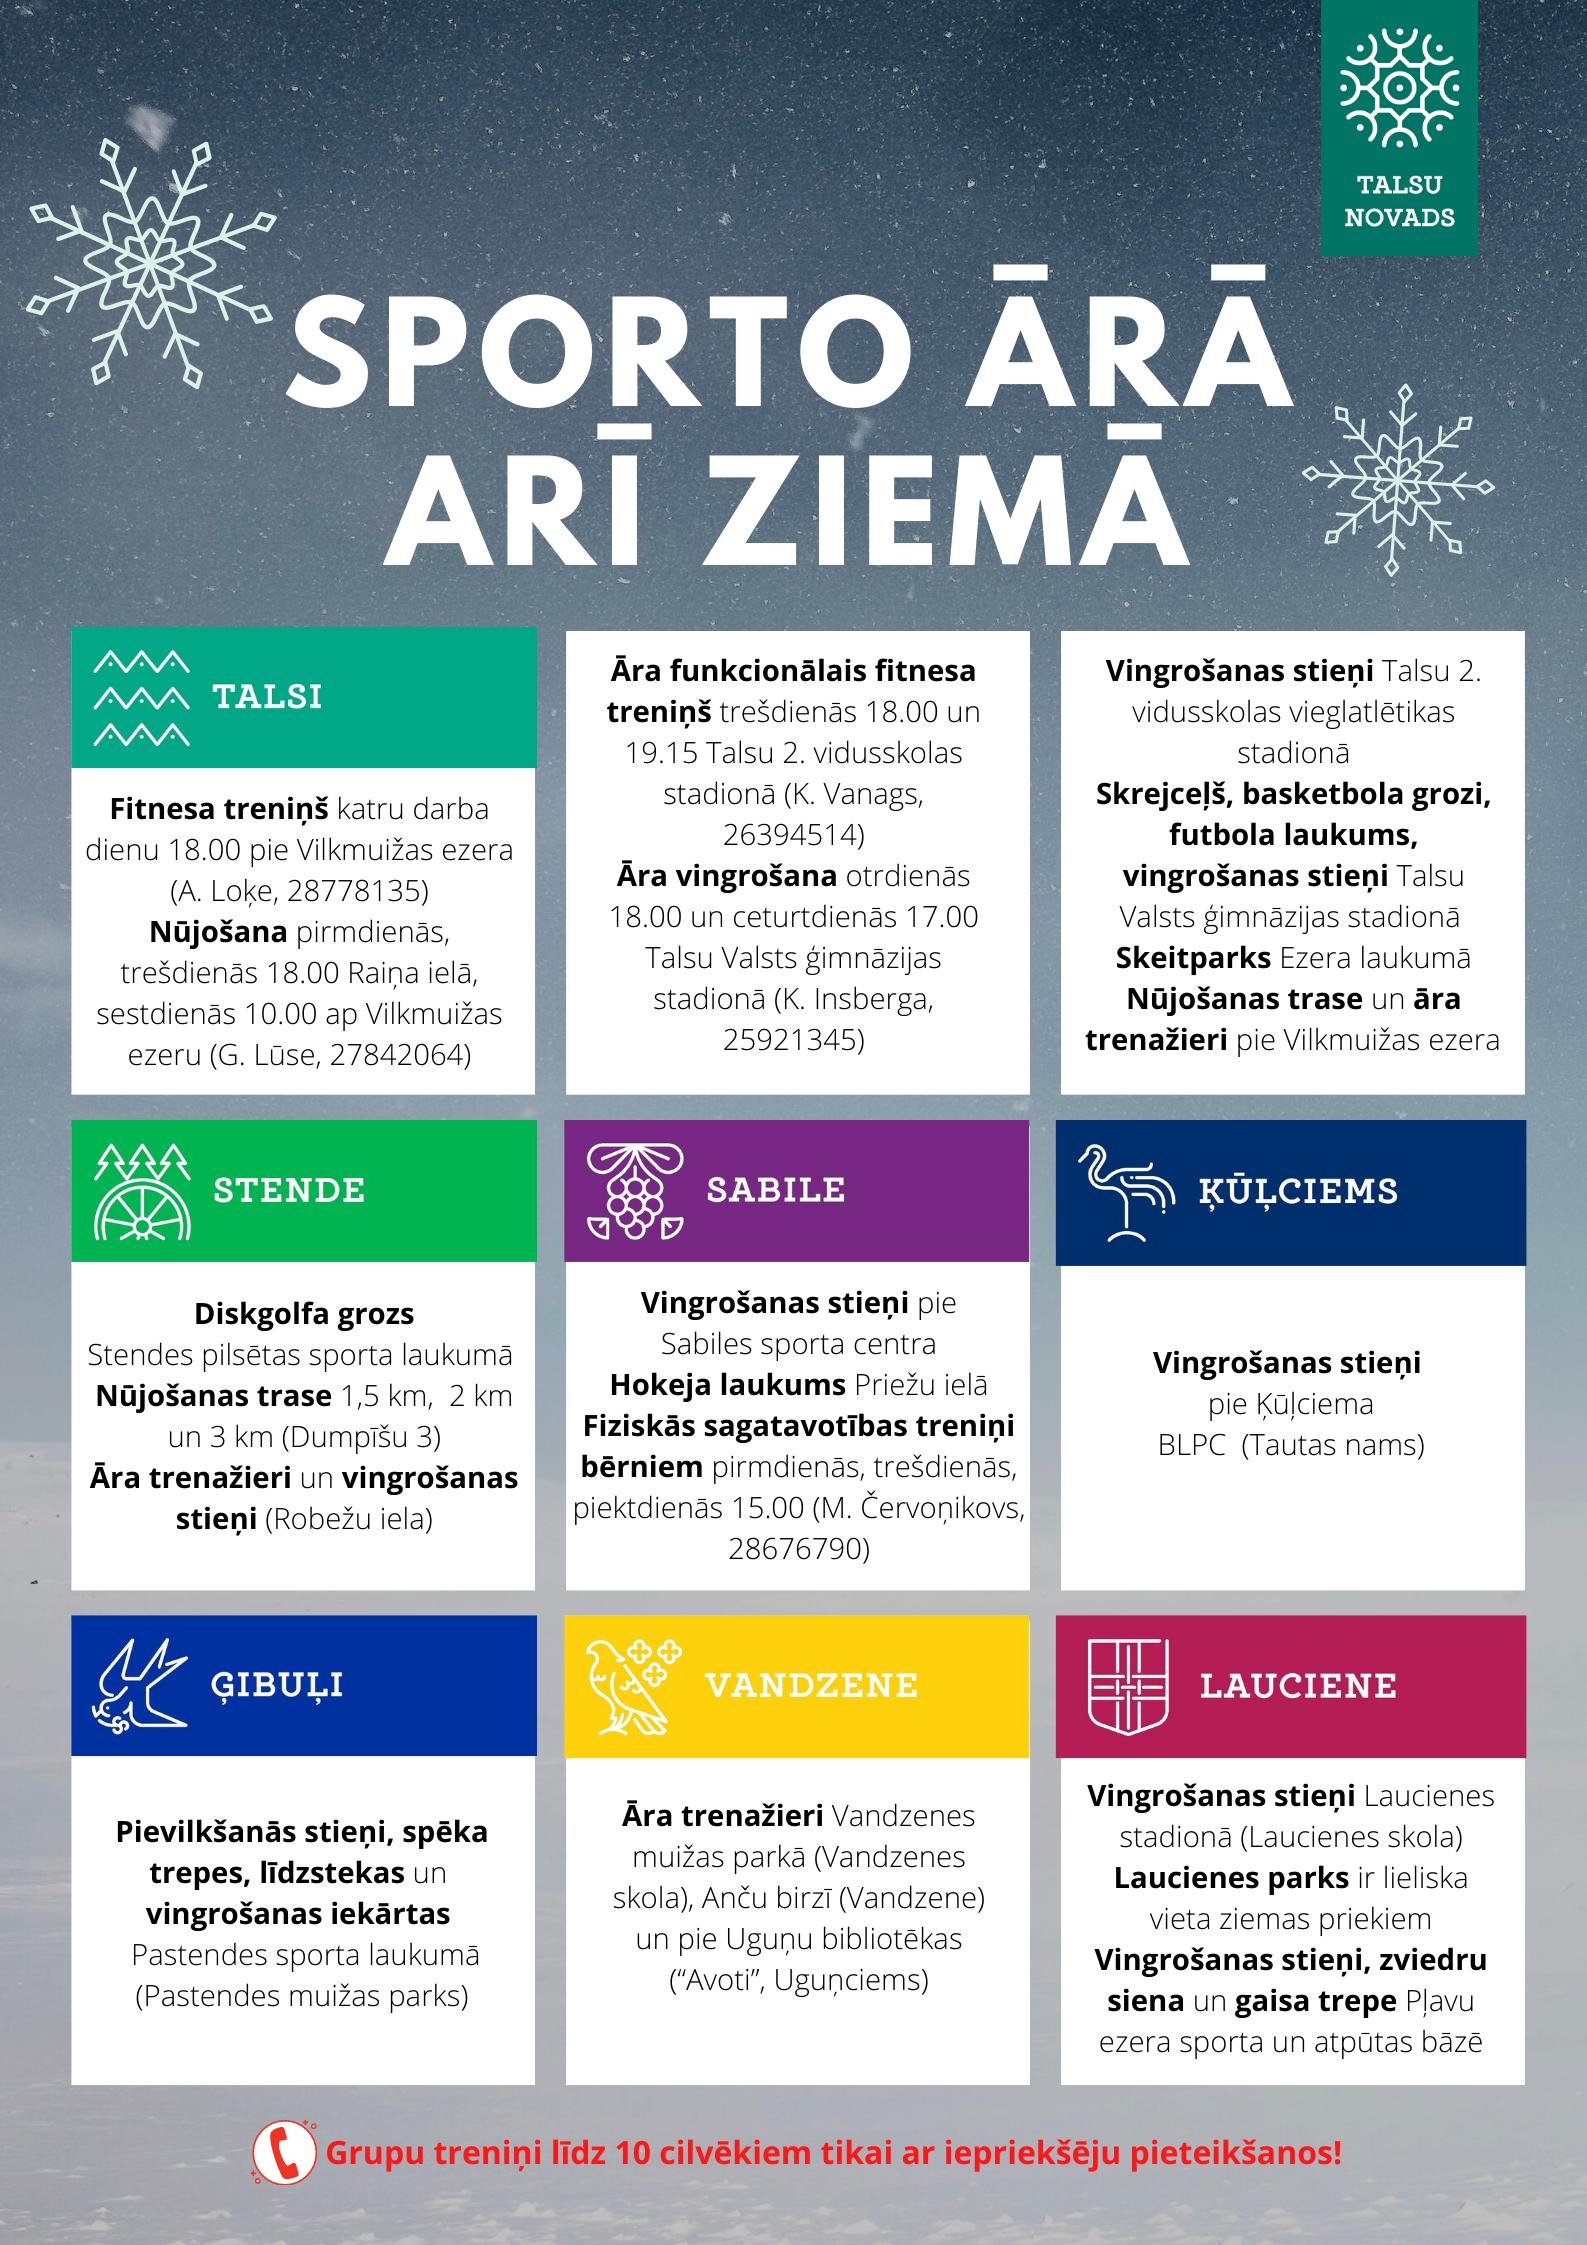 Sporto ārā arī ziemā!